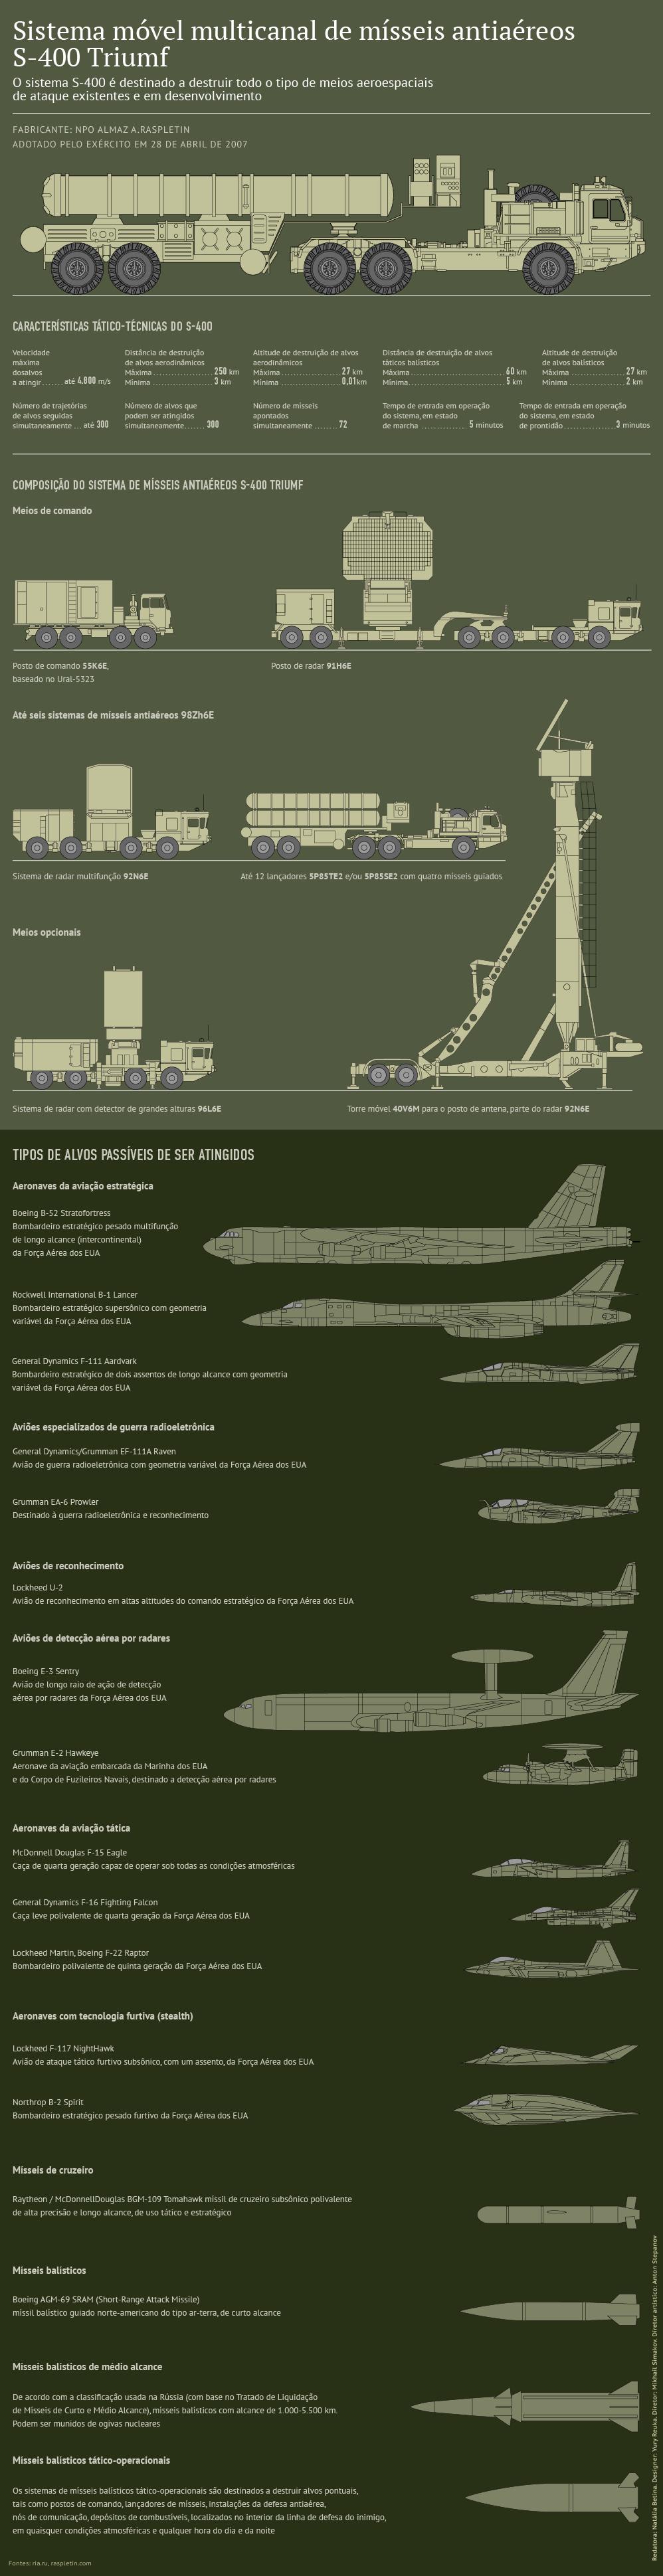 Turquia compra 4 divisões de mísseis S-400 por R$ 8,7 bilhões